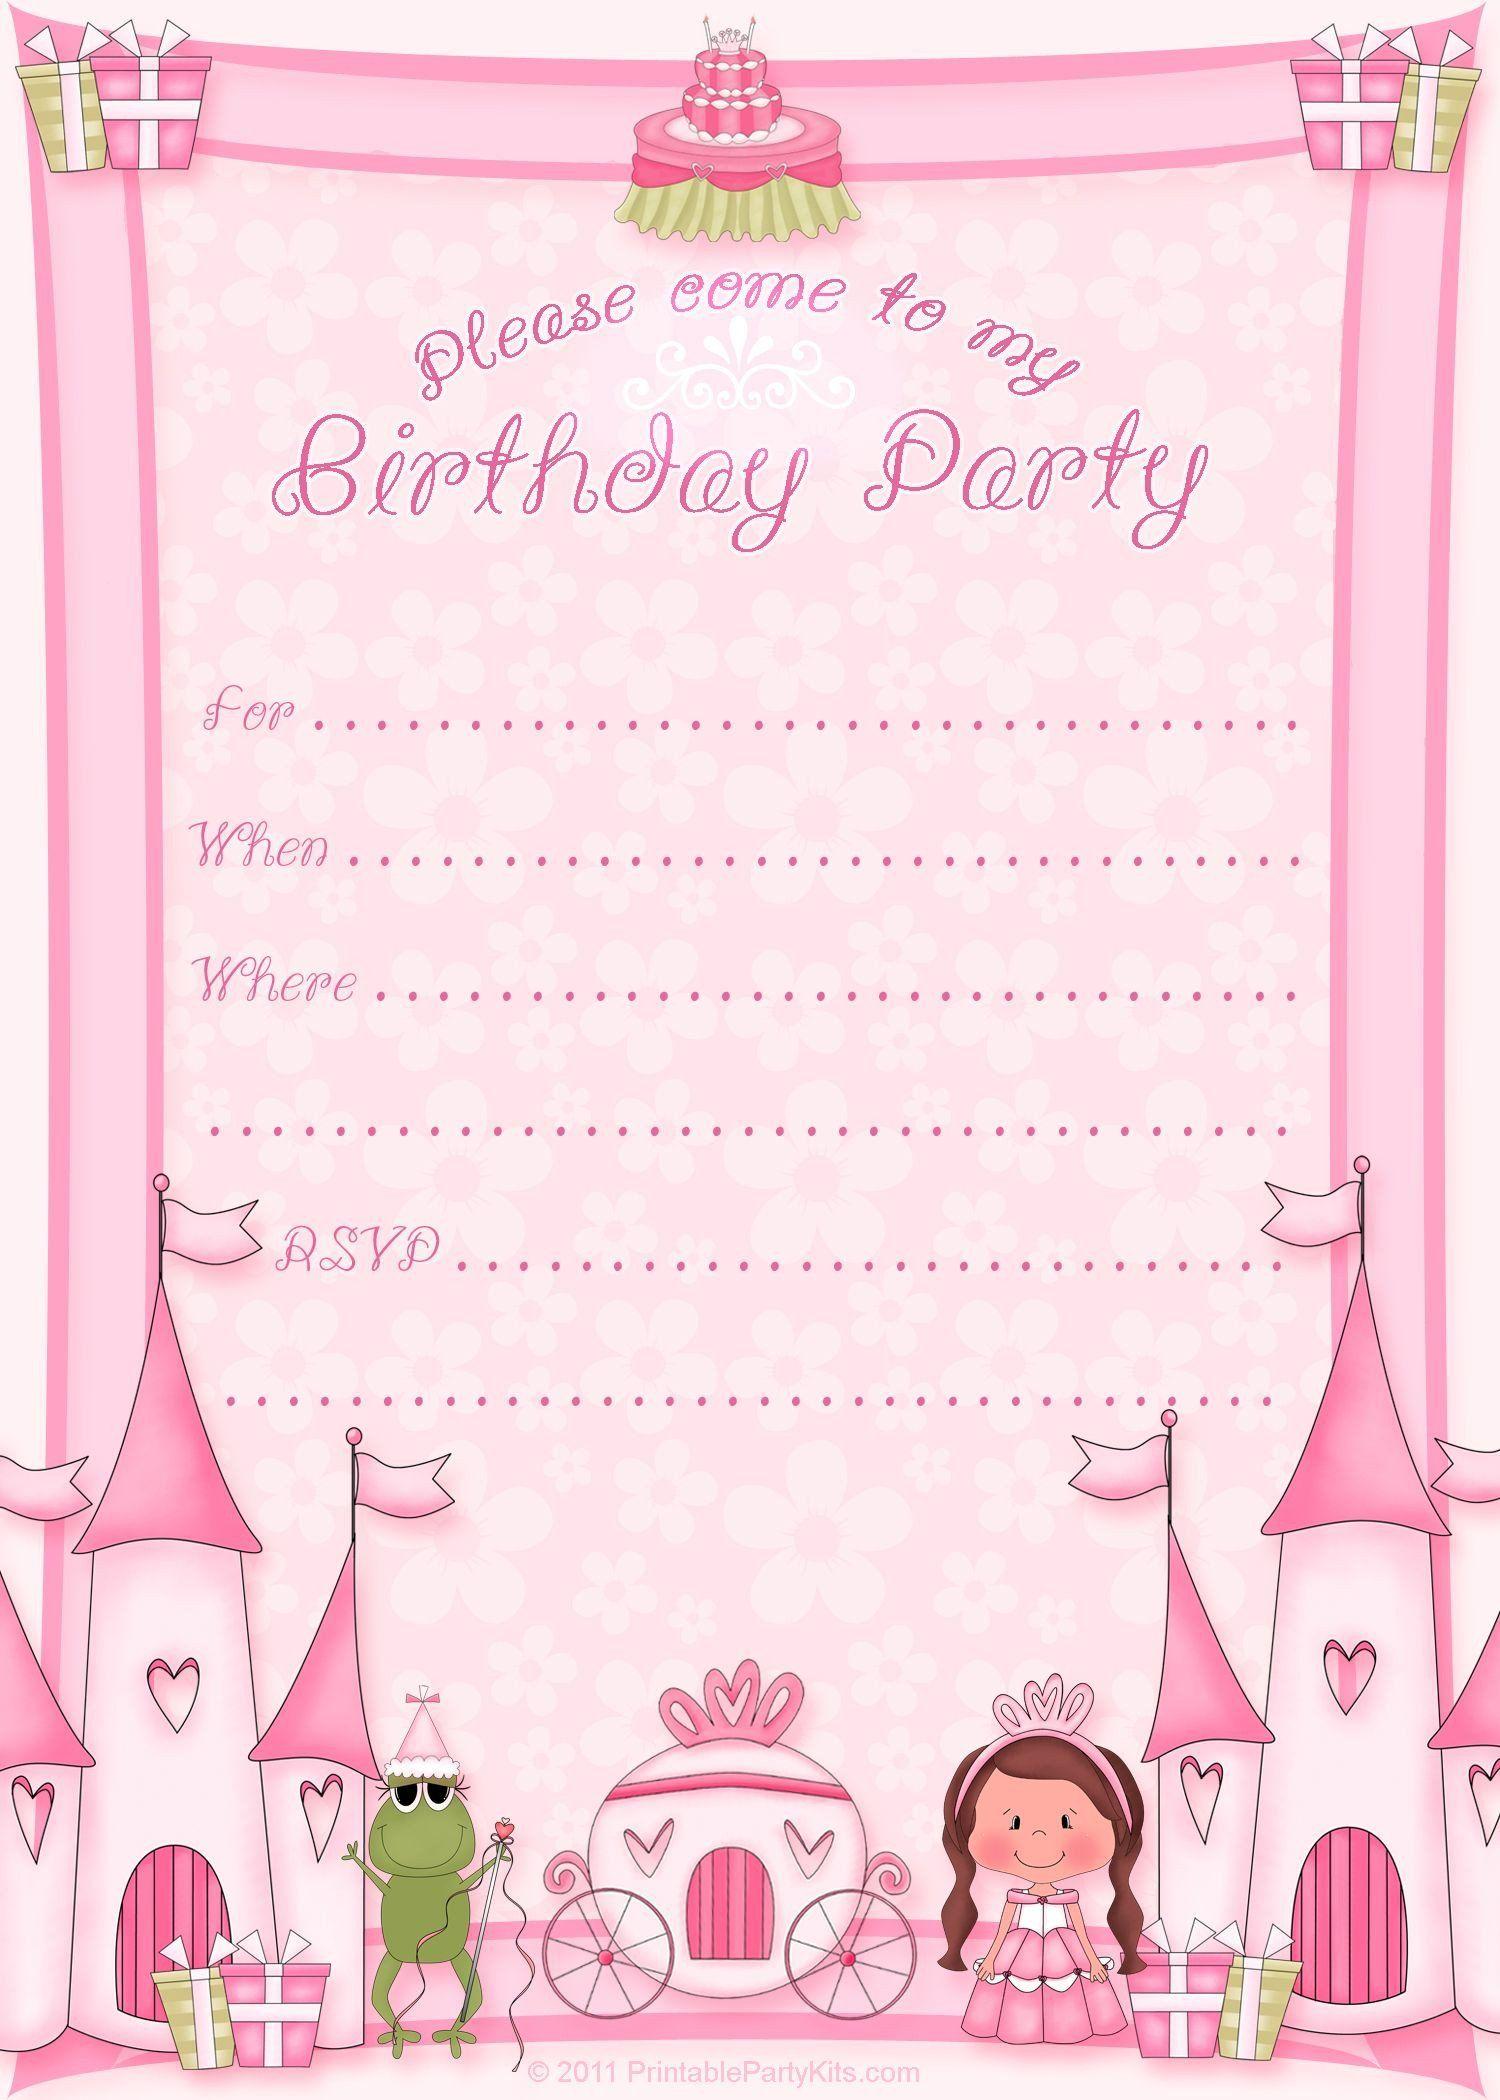 Birthday Party Invitation Template Free Unique Free Printable Invita Birthday Invitation Card Template Free Birthday Invitation Templates Party Invite Template